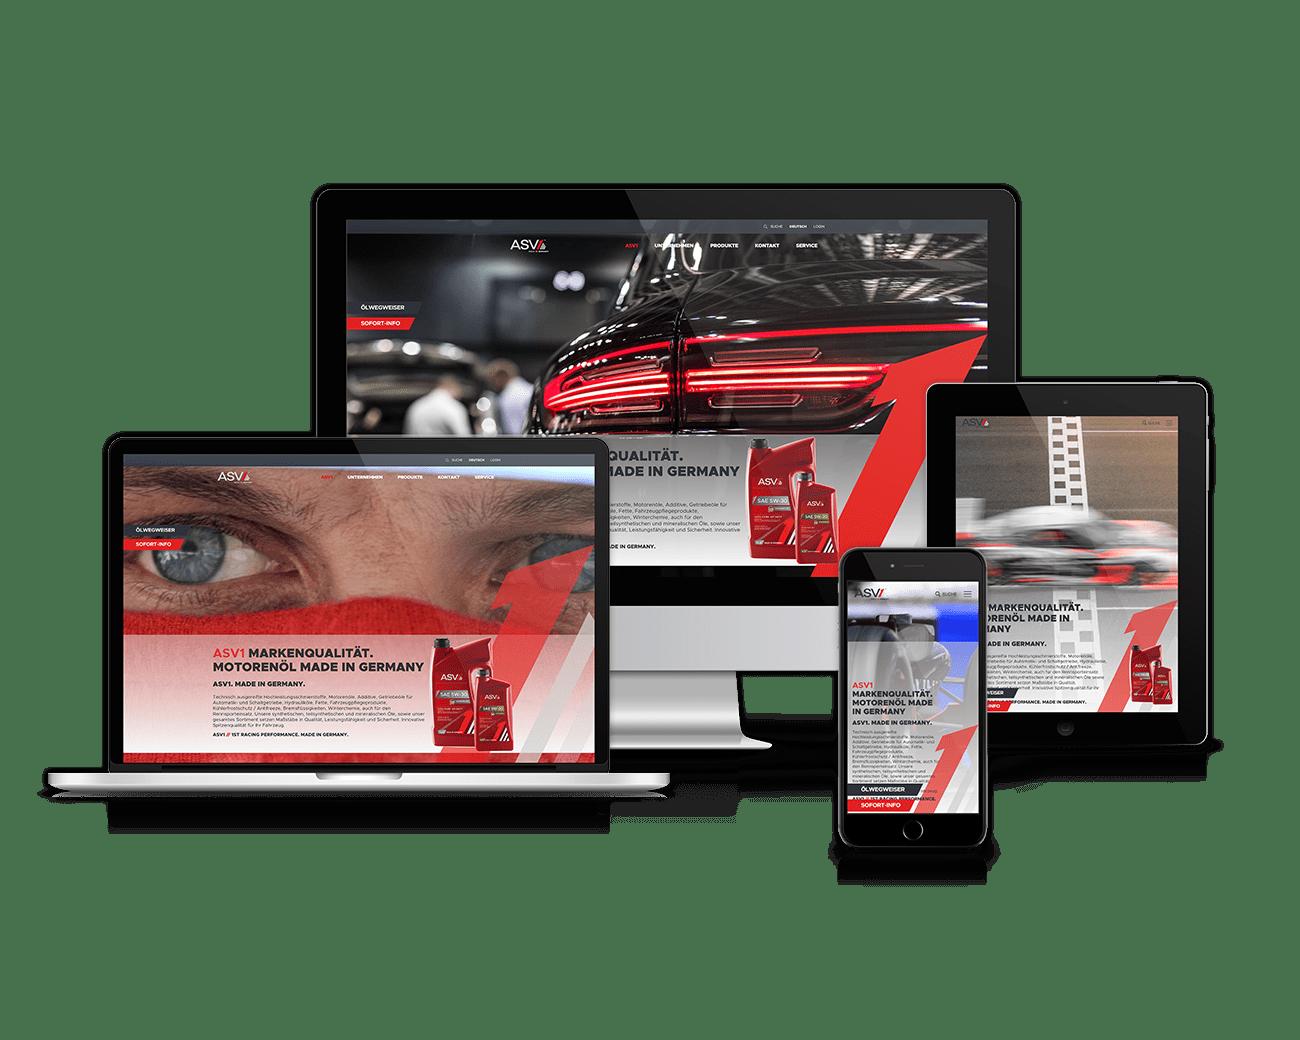 jung und billig werbeagentur asv1 webdesign - Markenidentität